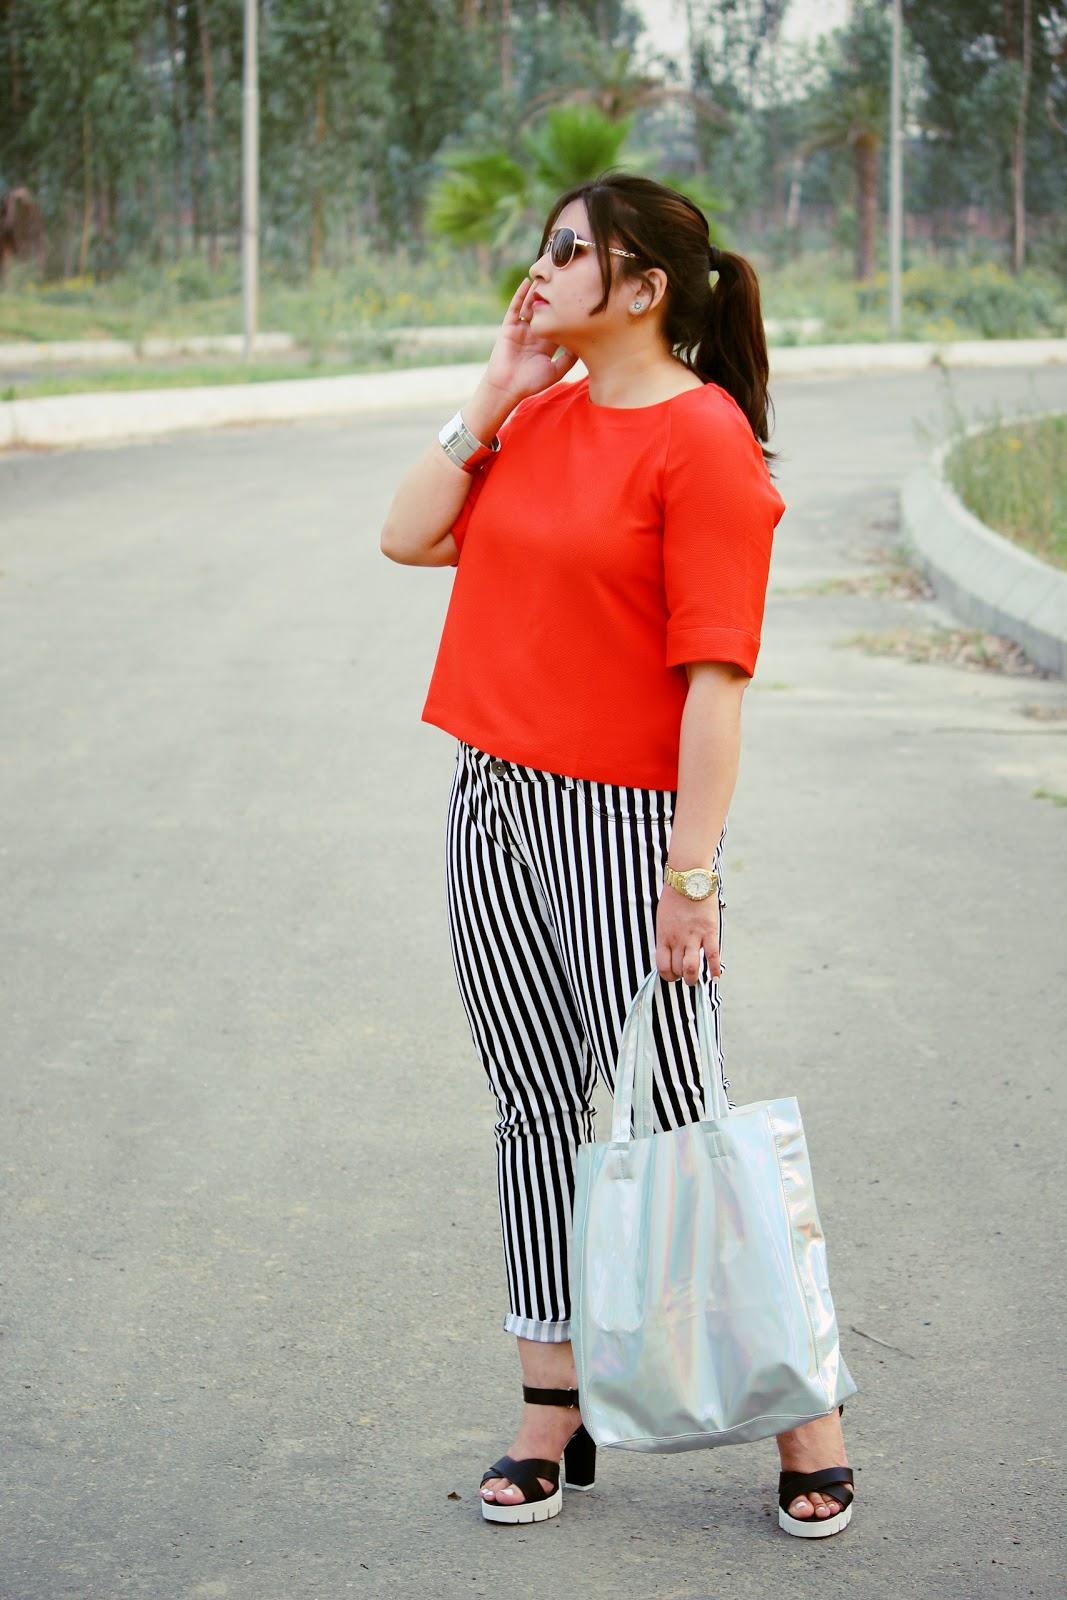 http://3.bp.blogspot.com/-yo-N2LgGm2I/VVYVfW6b5YI/AAAAAAAAFXg/Pygto5ZIYnI/s1600/fotor%2B1.jpg